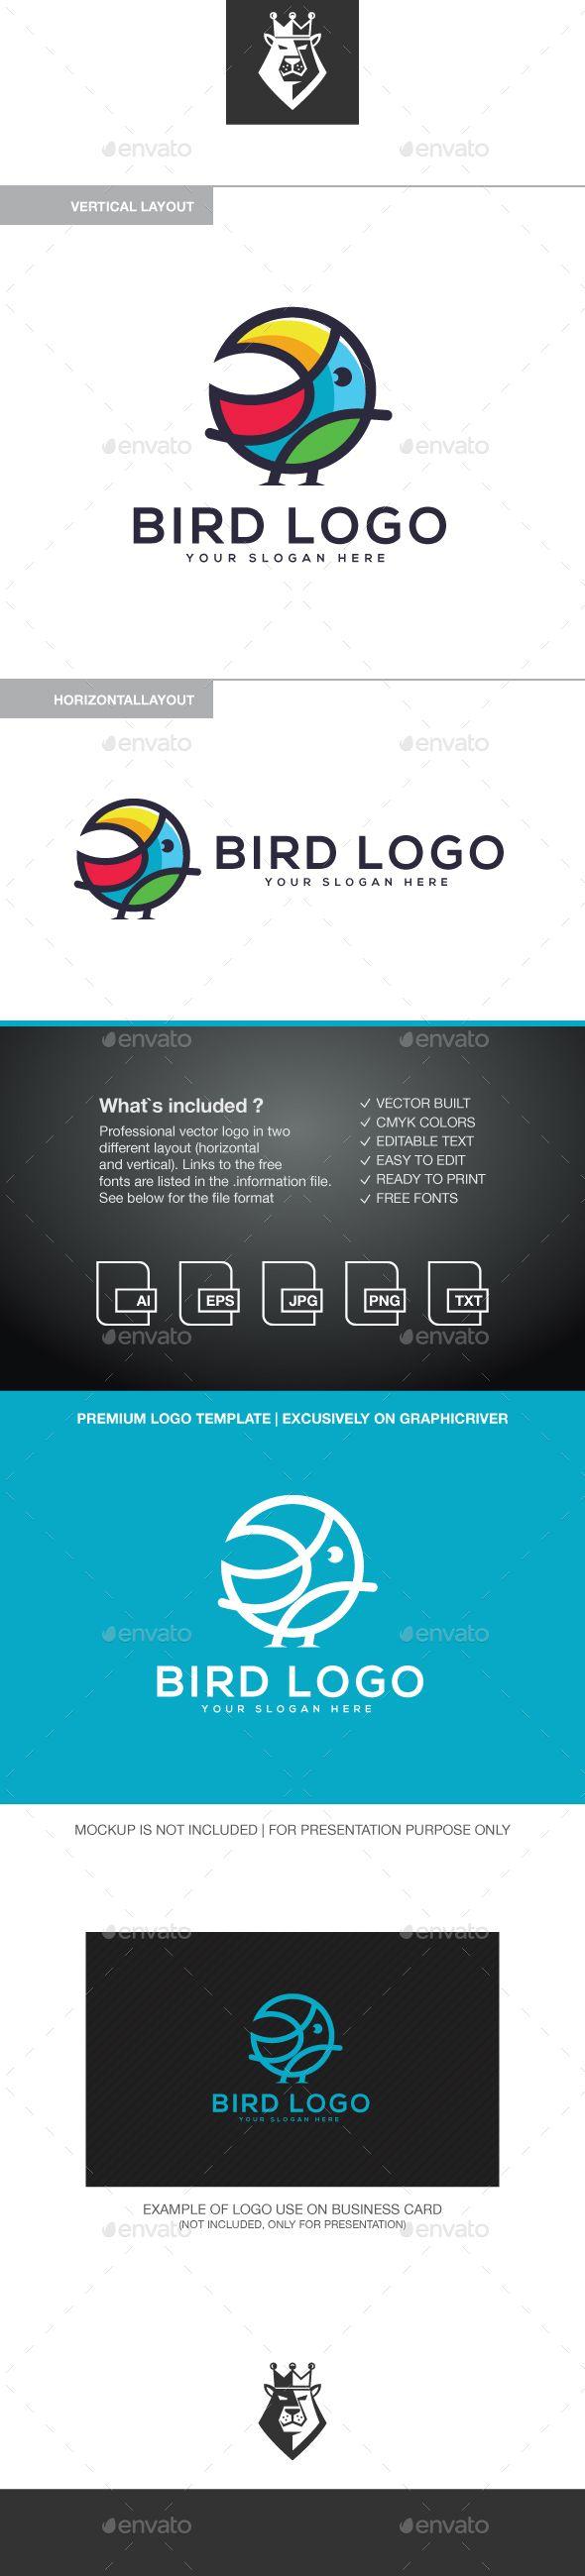 Bird Logo Template Vector EPS, AI Illustrator | Logo Templates ...